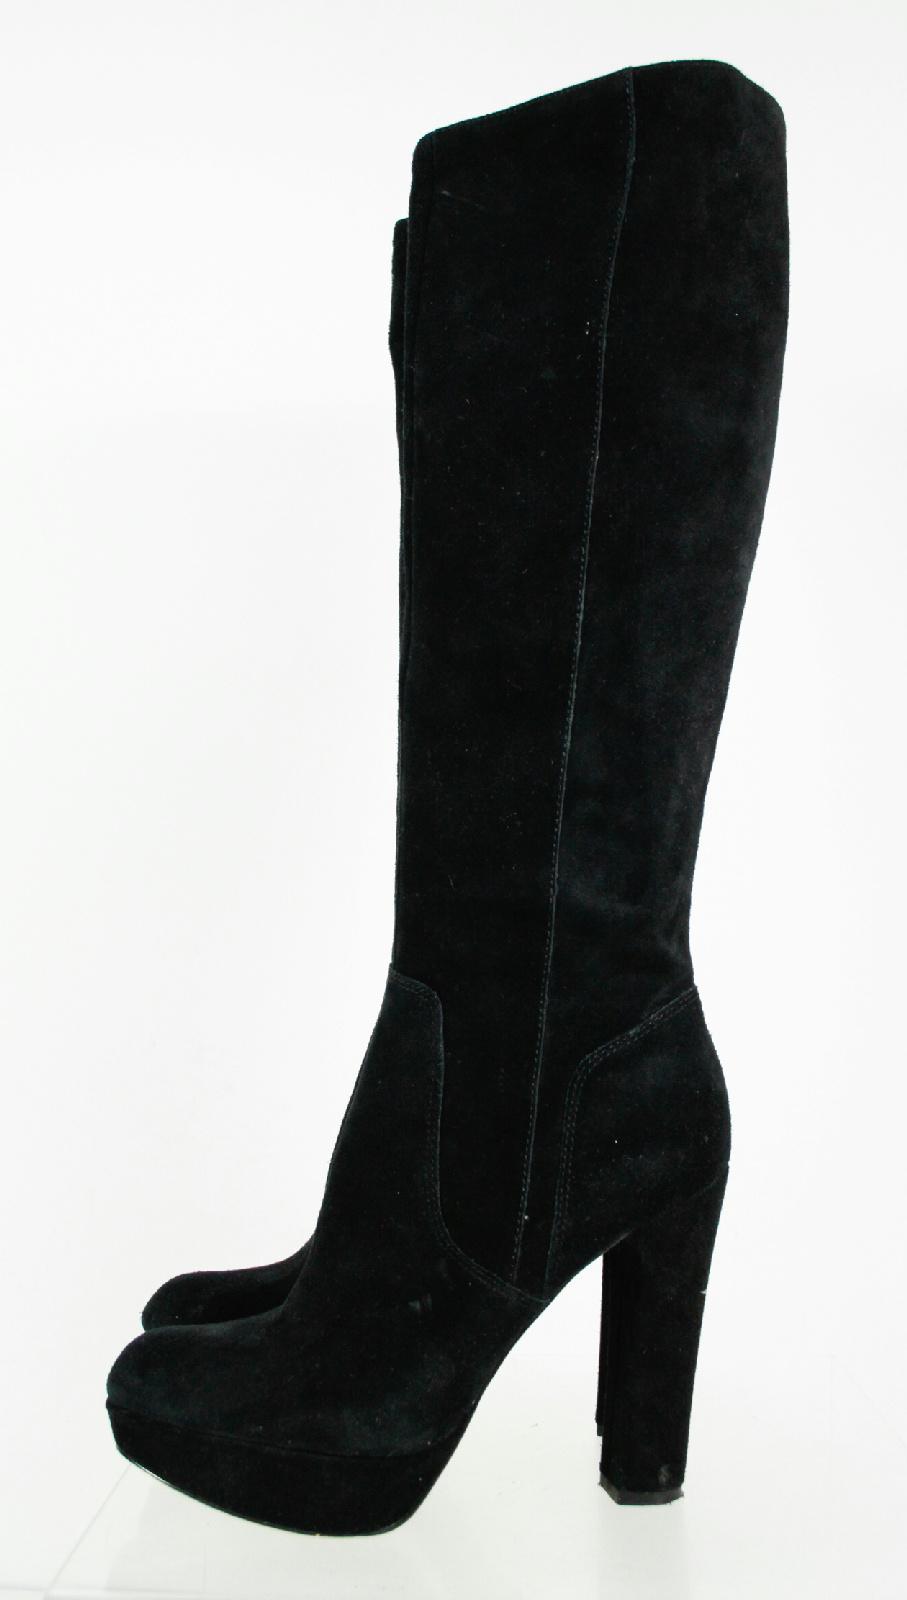 Michael By Michael Kors Solid Black Block Heel Knee High ...